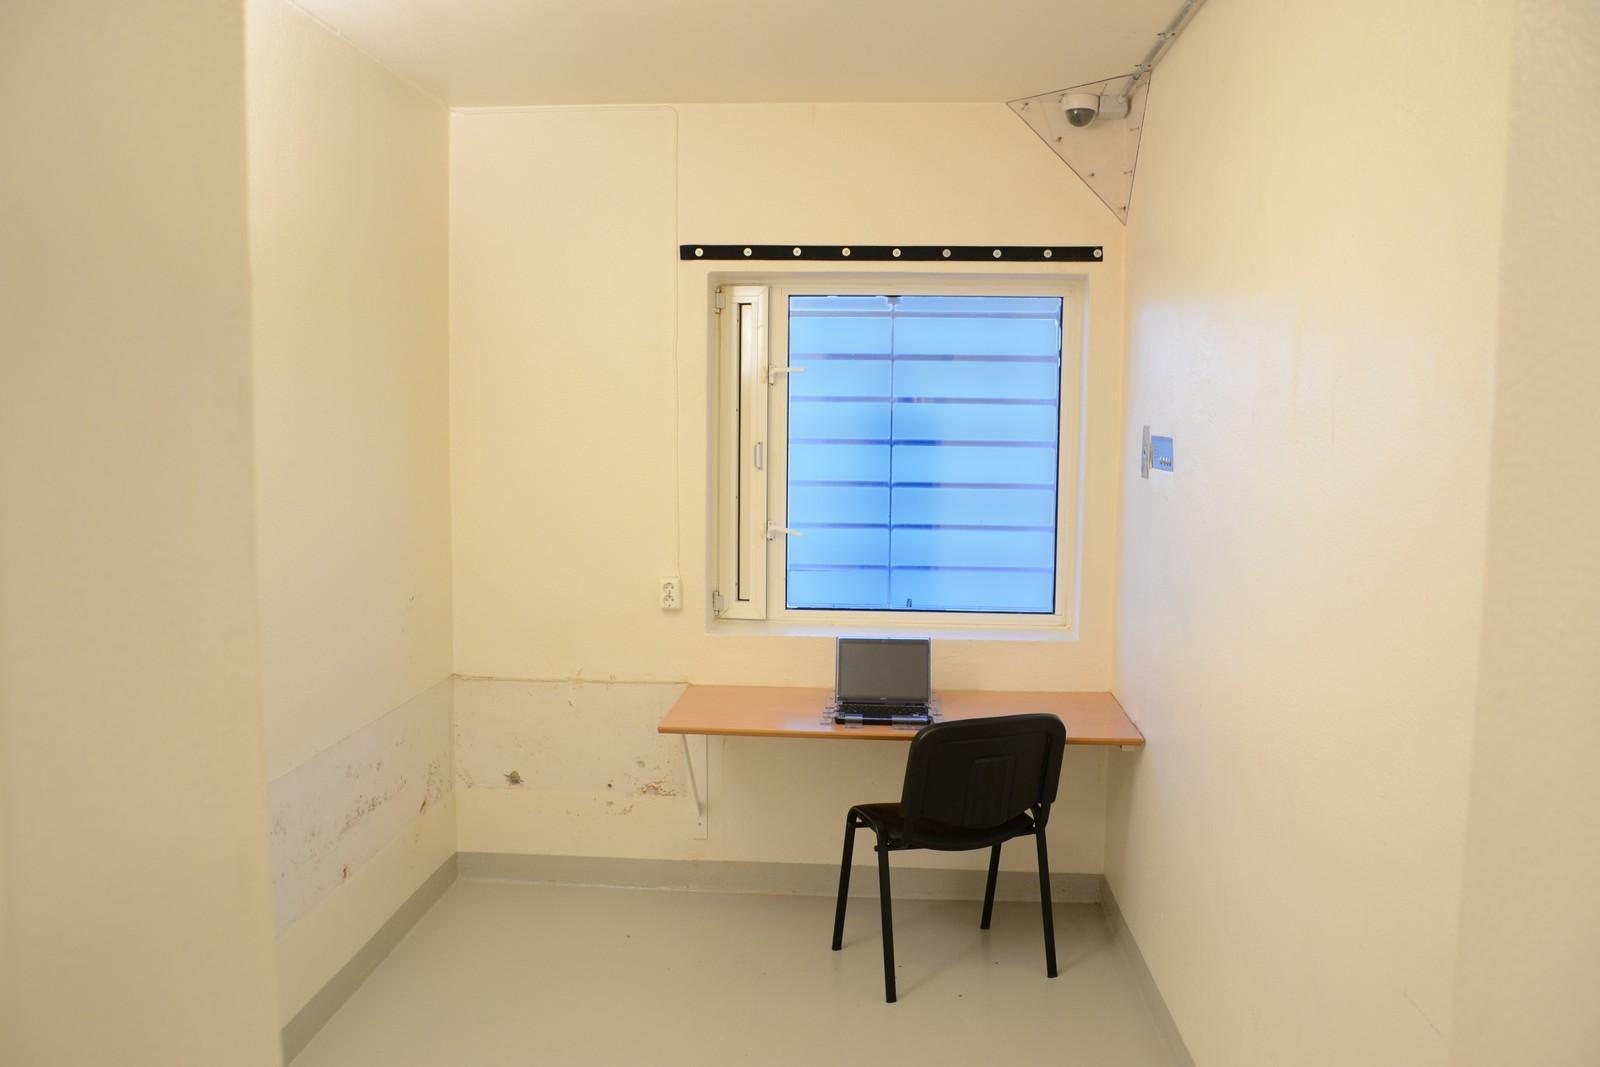 Slik var cellen der Breivik skrev bred i tiden han var på Ila fengsel. Flere av brevene var ment for meningsfeller utenfor fengselet, men en rekke av disse har blitt stoppet av Kriminalomsorgen. Dette er grunnen til at Breivik i sitt søksmål blant annet viser til artikkel åtte i Menneskerettskonvensjonen, som handler om retten til privatliv og korrespondanse.